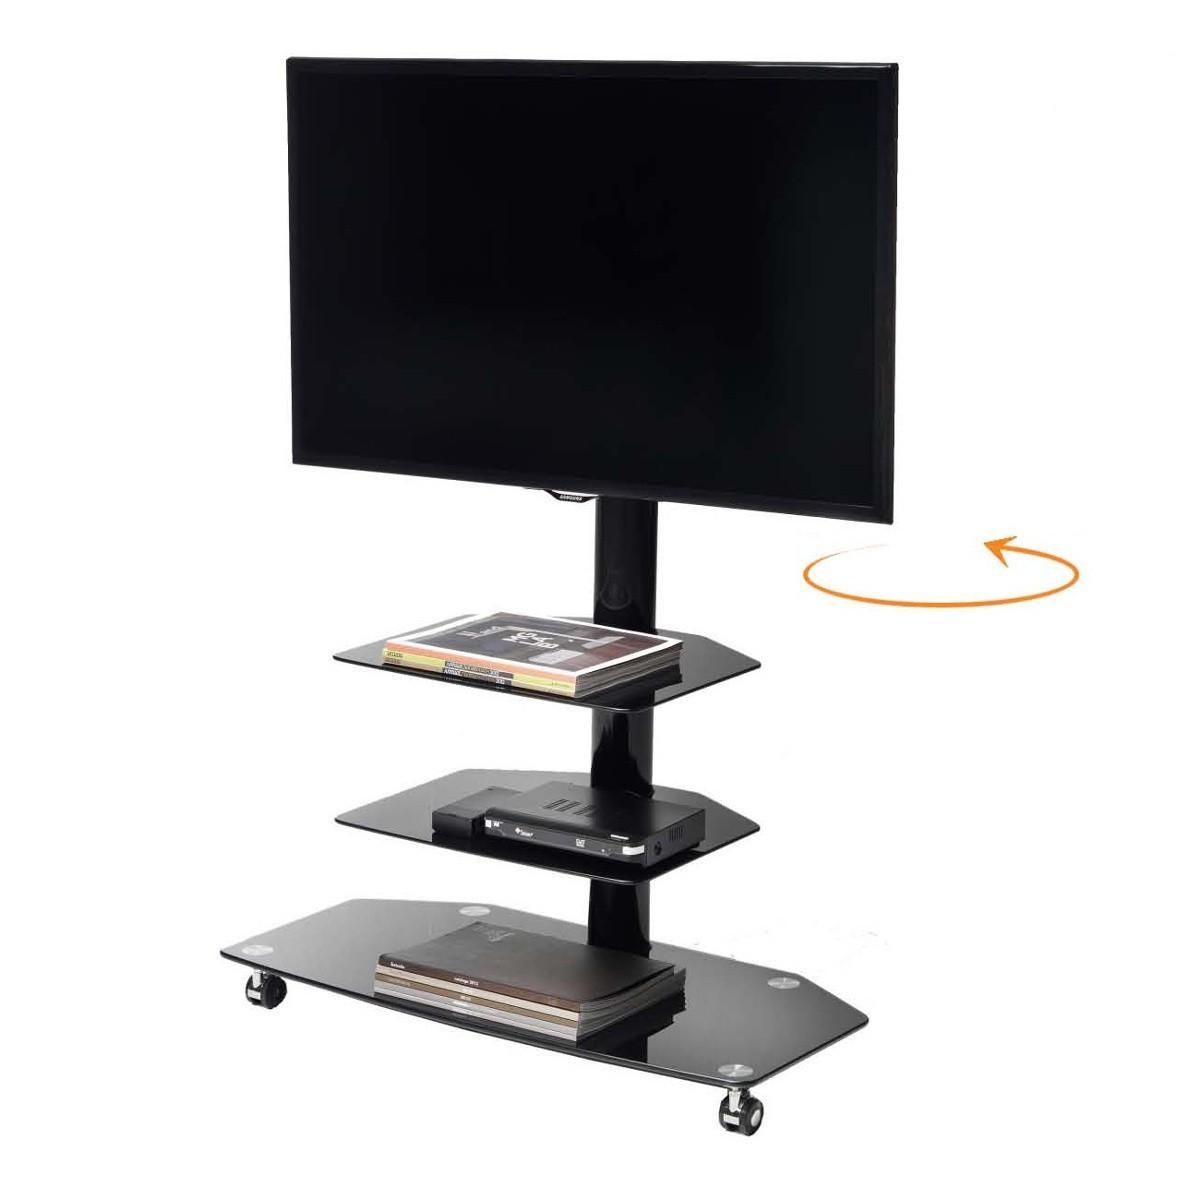 Mobili porta tv moderni scopri le novit - Porta tv con rotelle ...